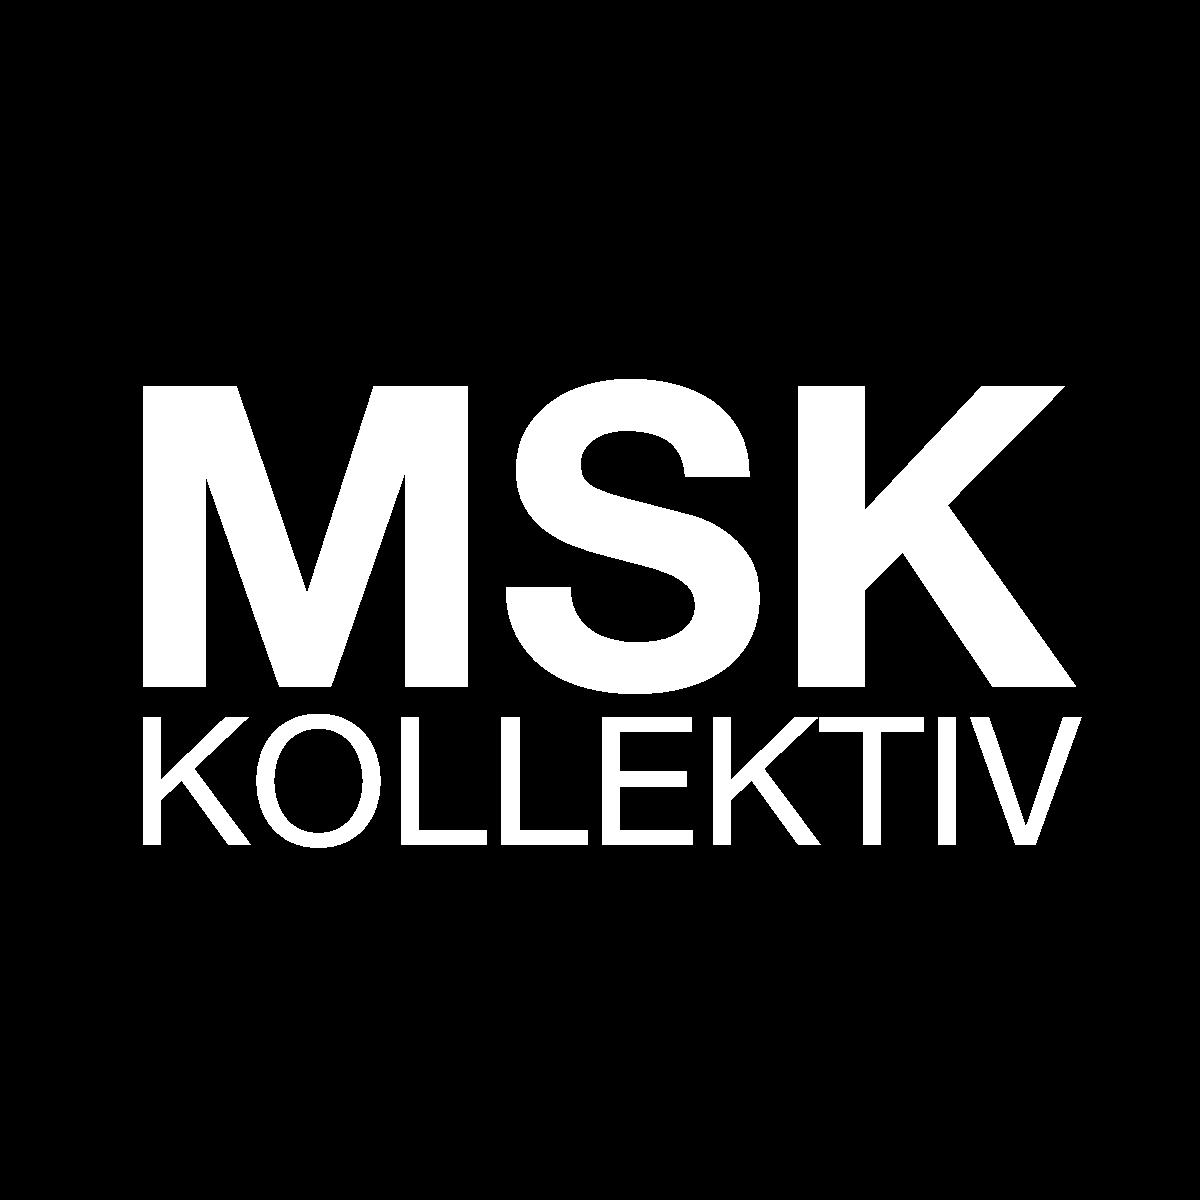 MSK Kollektiv